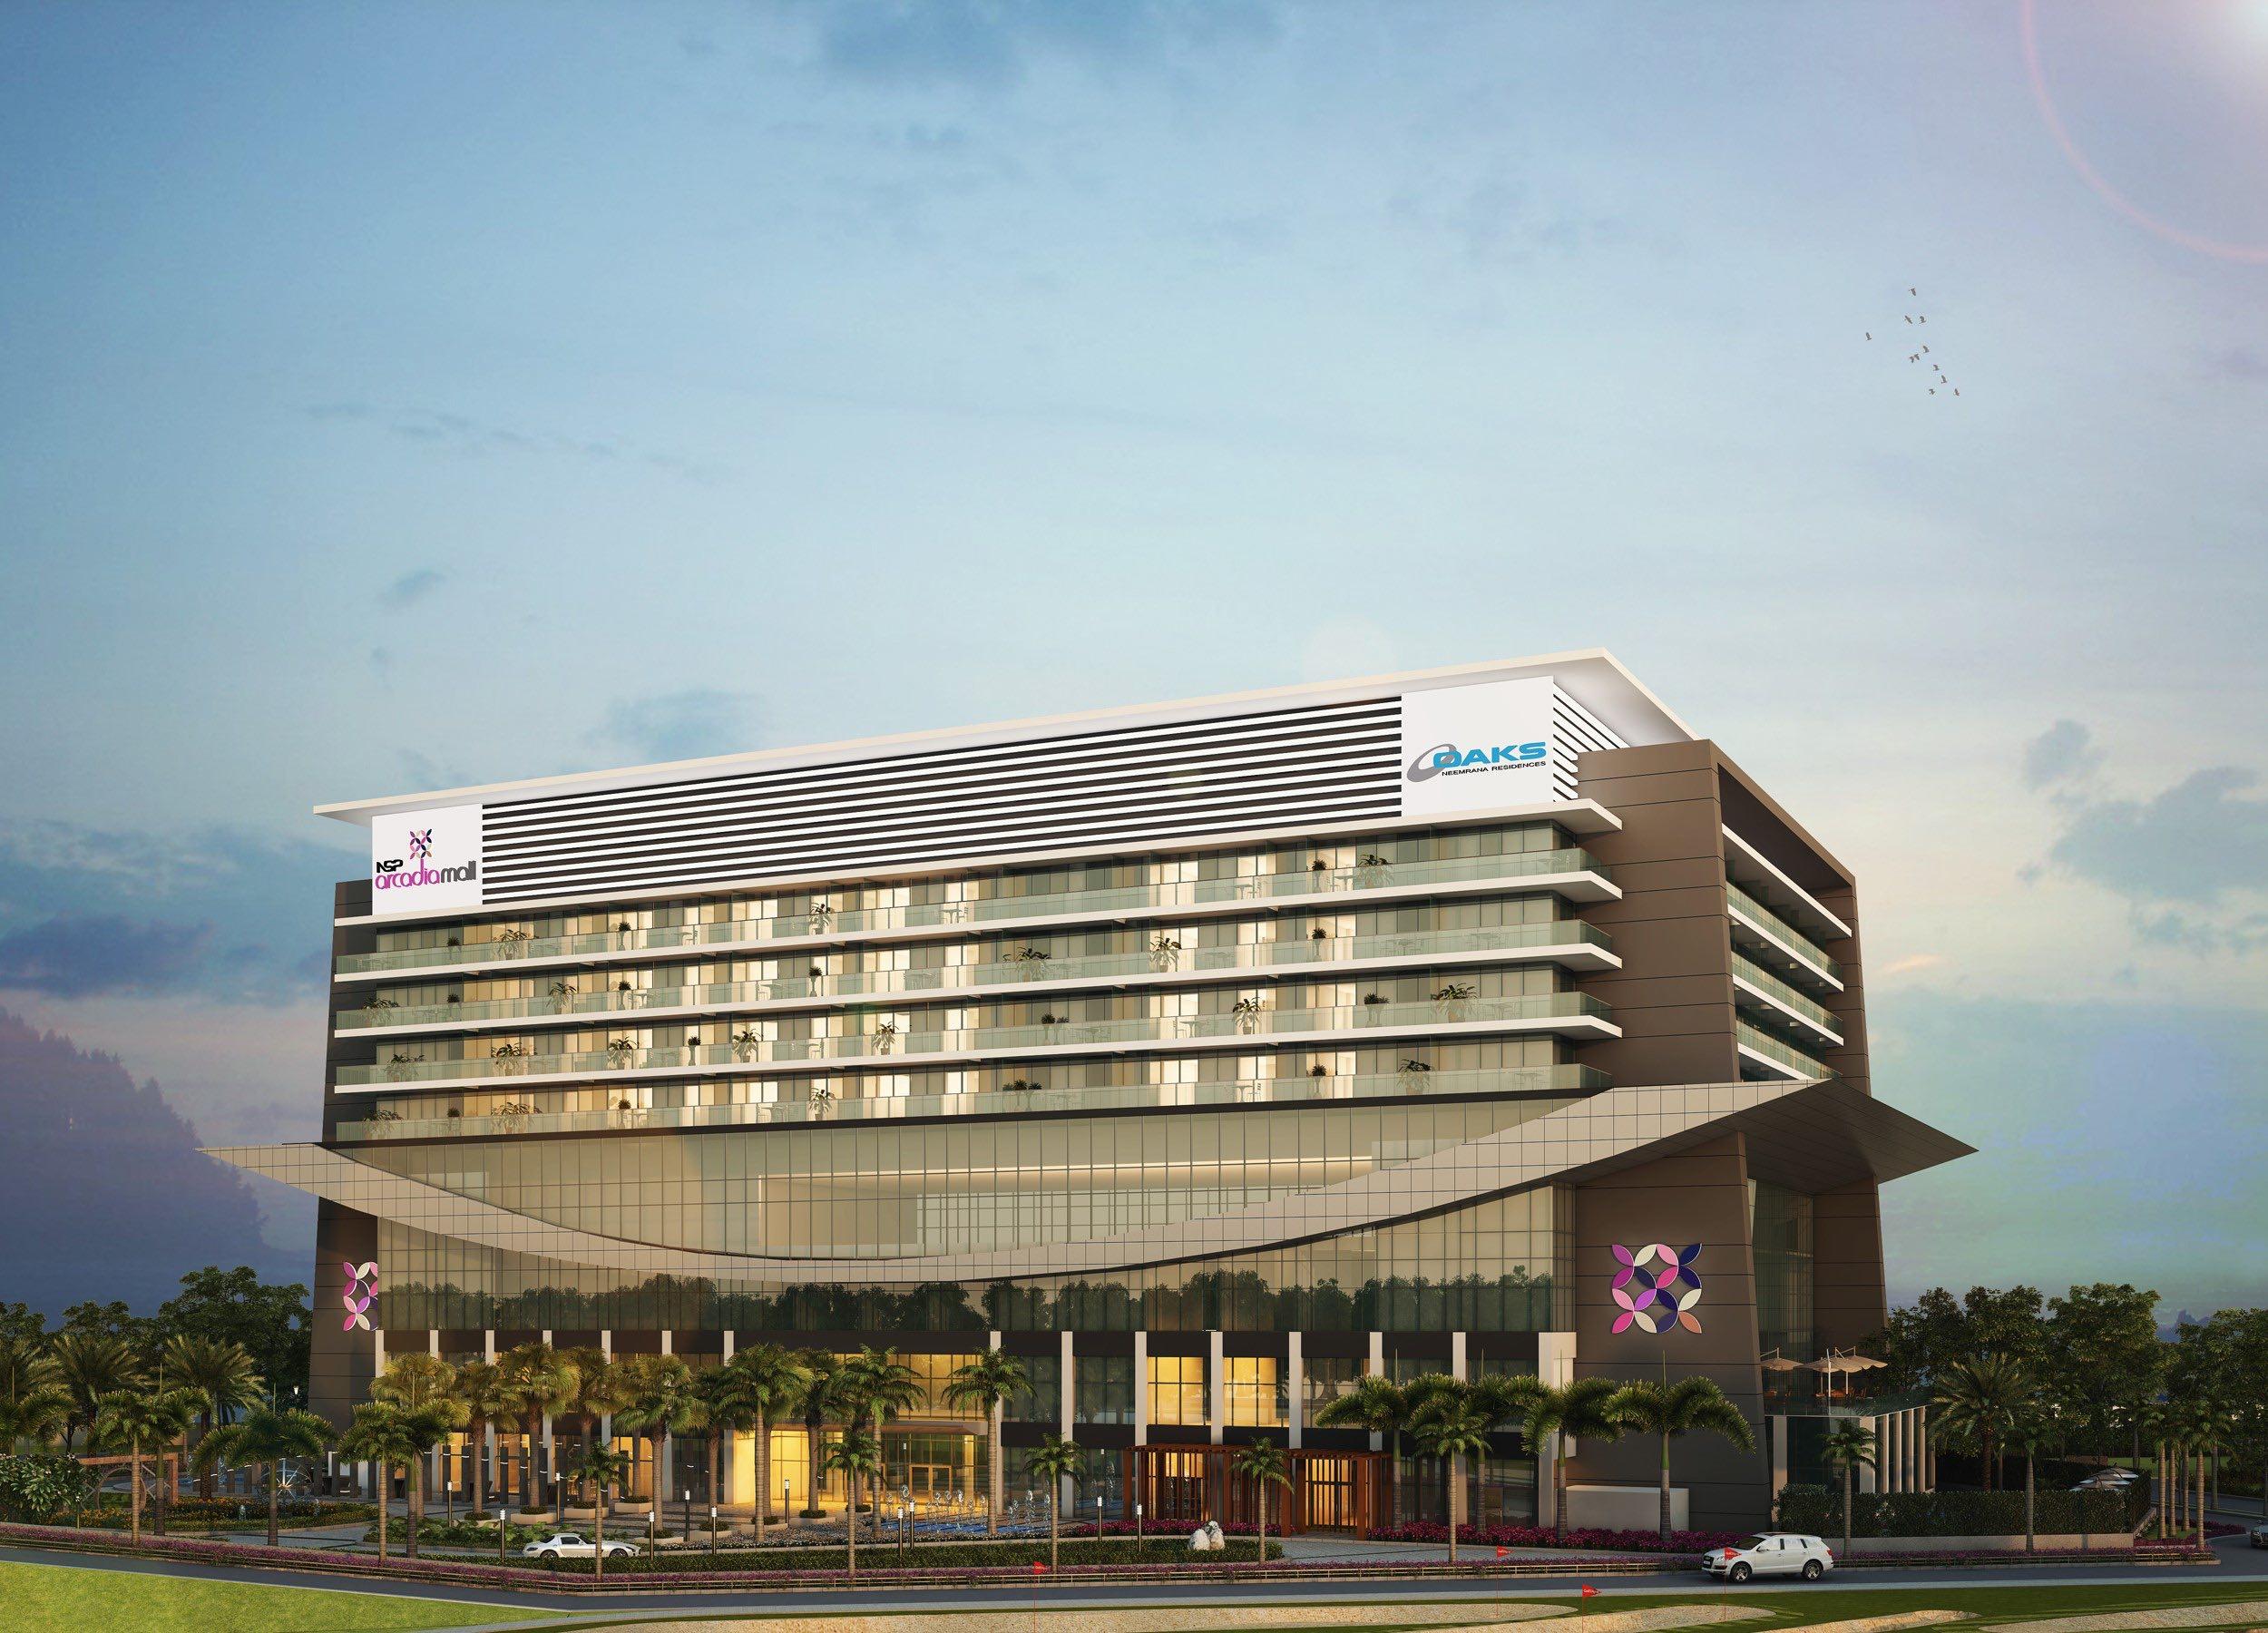 Oaks Hotels & Resorts By Minor